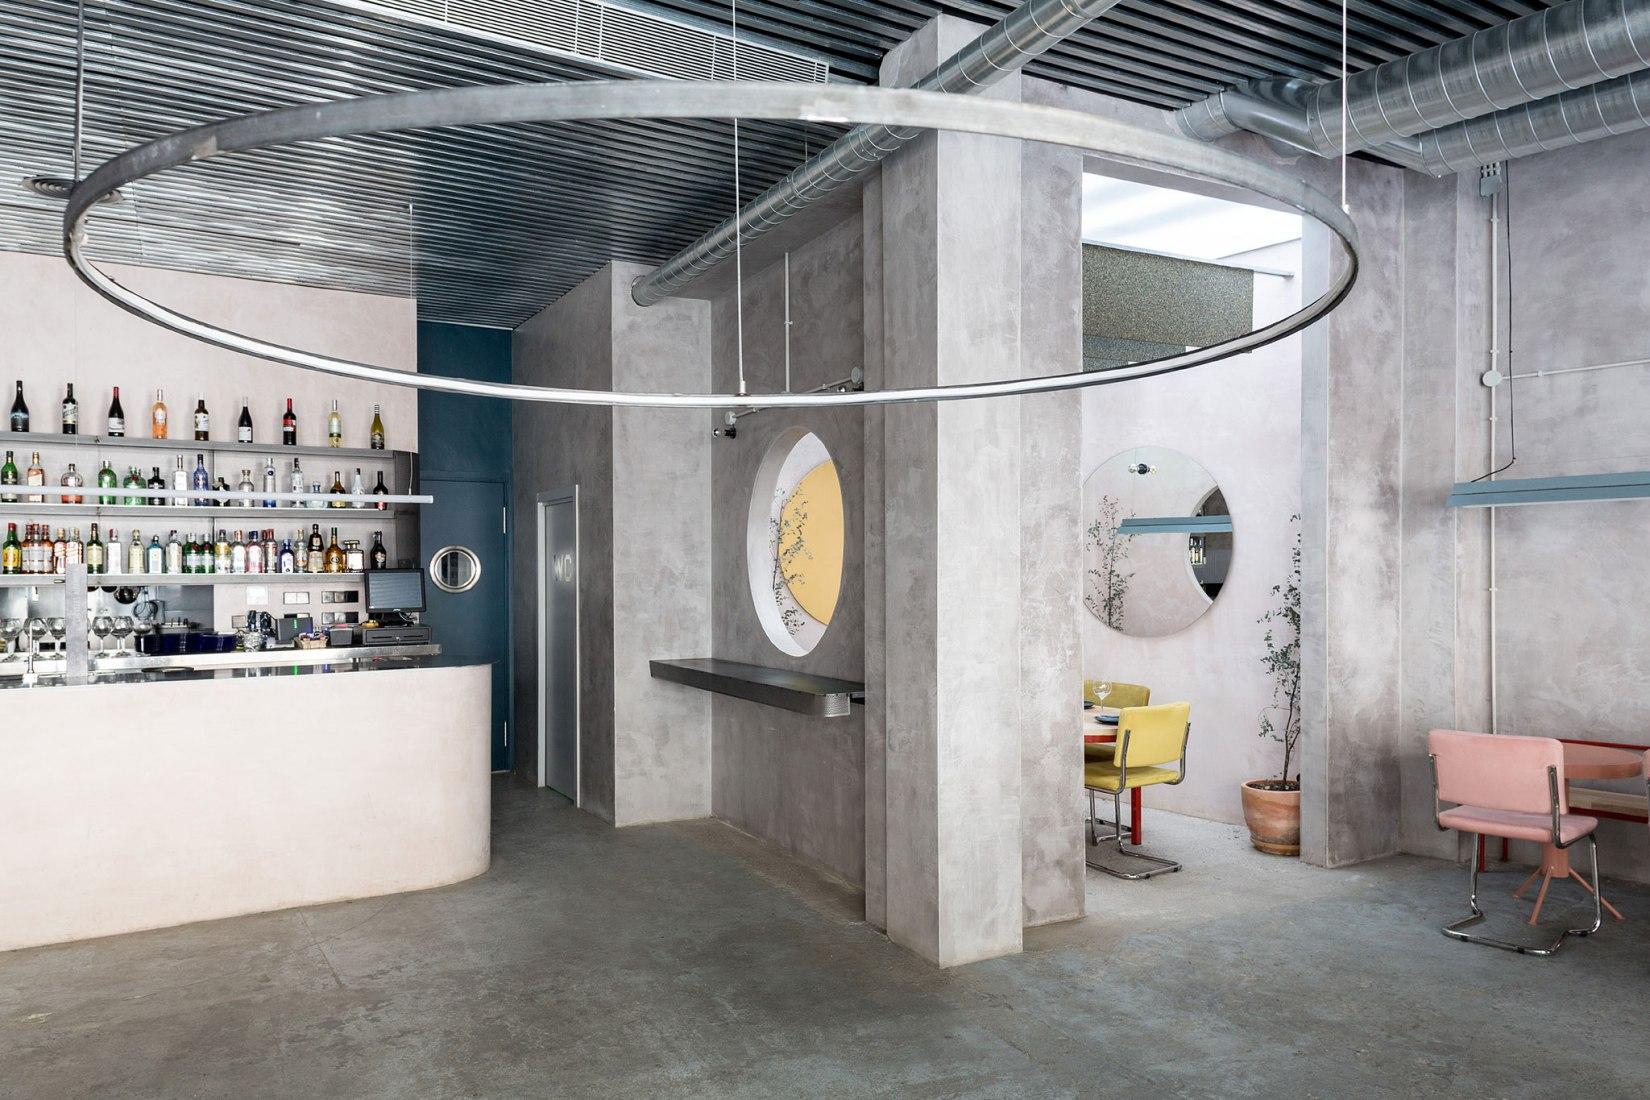 Vista interior. Restaurante Casaplata por Lucas y Hernández-Gil. Fotografía © Juan Delgado